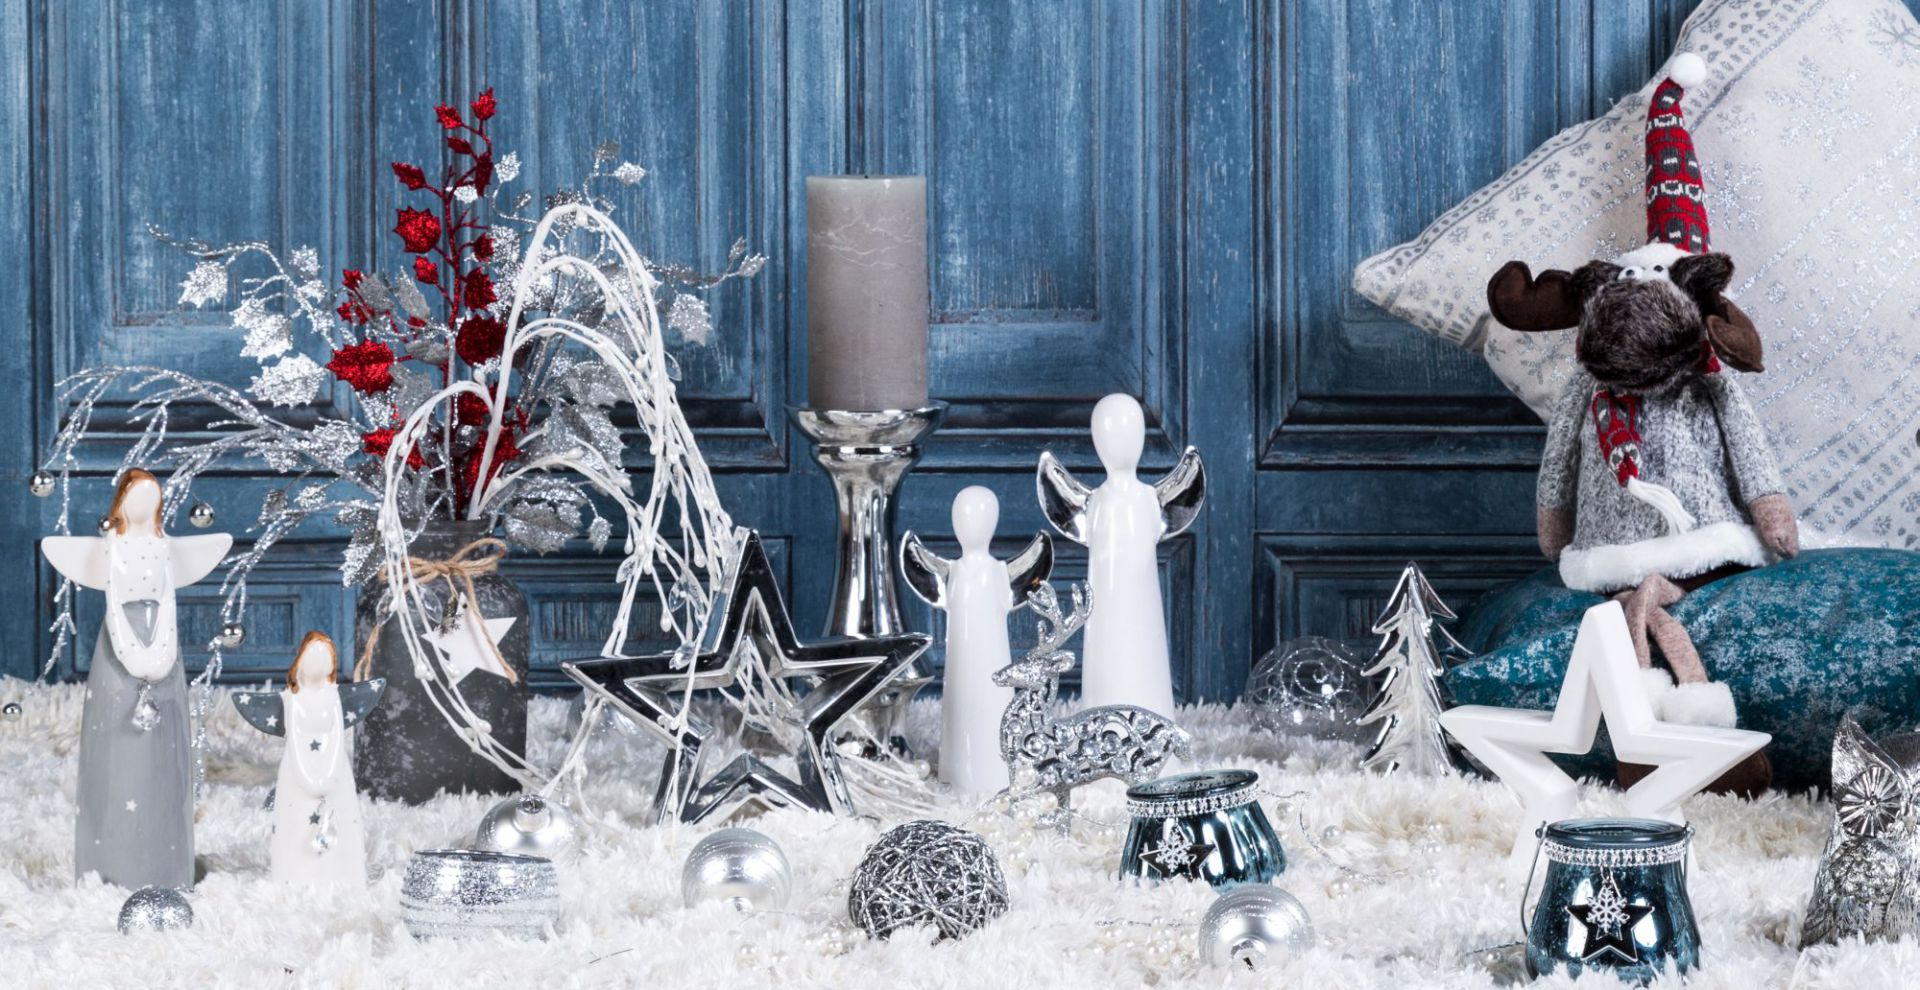 Świąteczne aranżacje. Fot. Agata SA